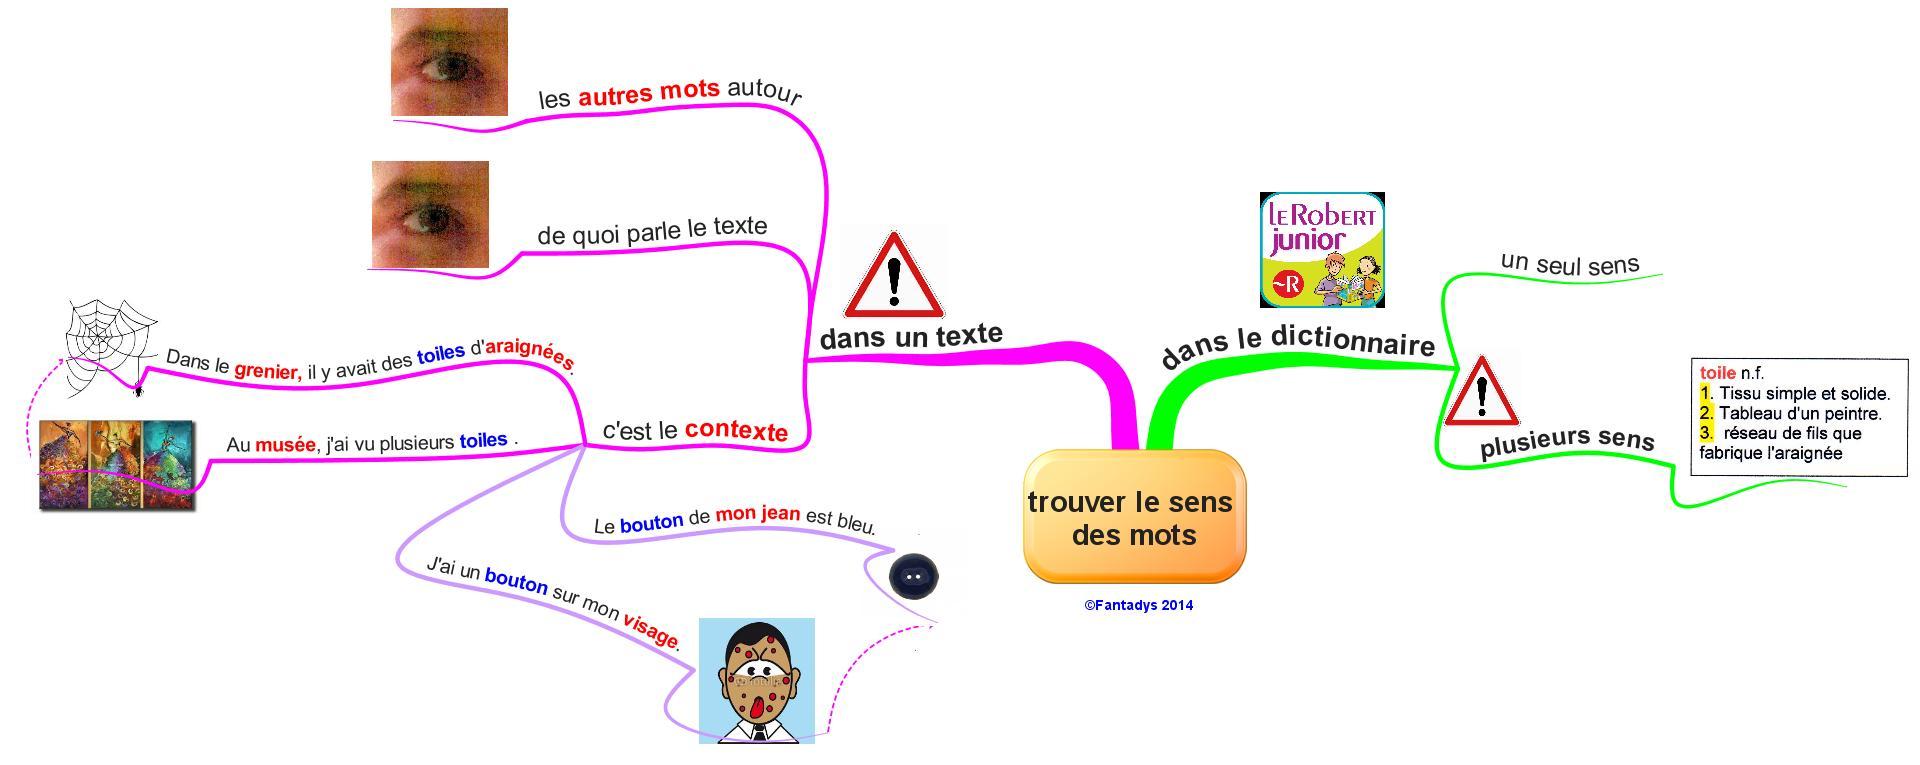 Cartes vocabulaire fantadys for Dans wiktionnaire